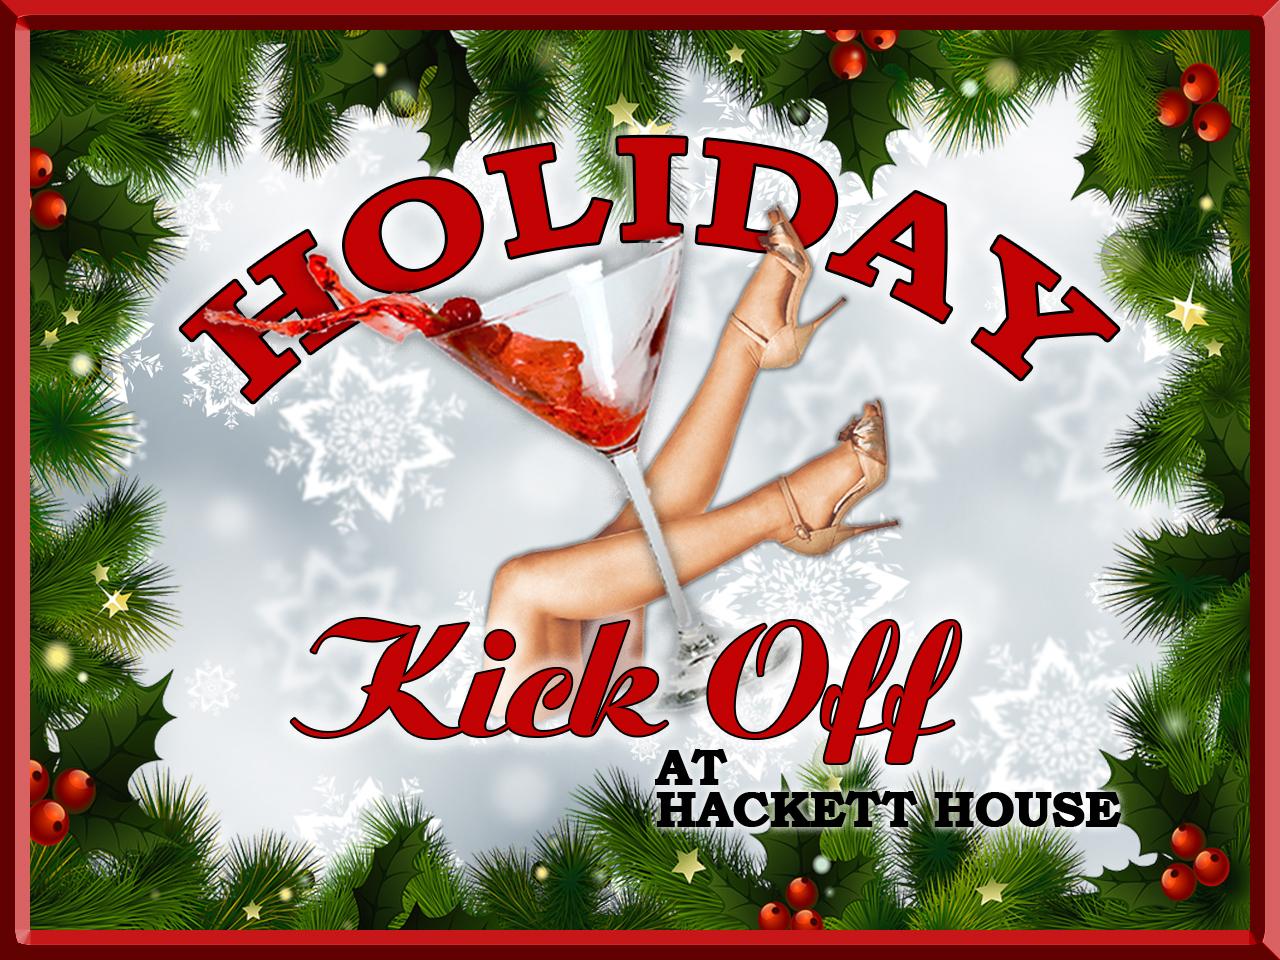 A Holiday Kickoff